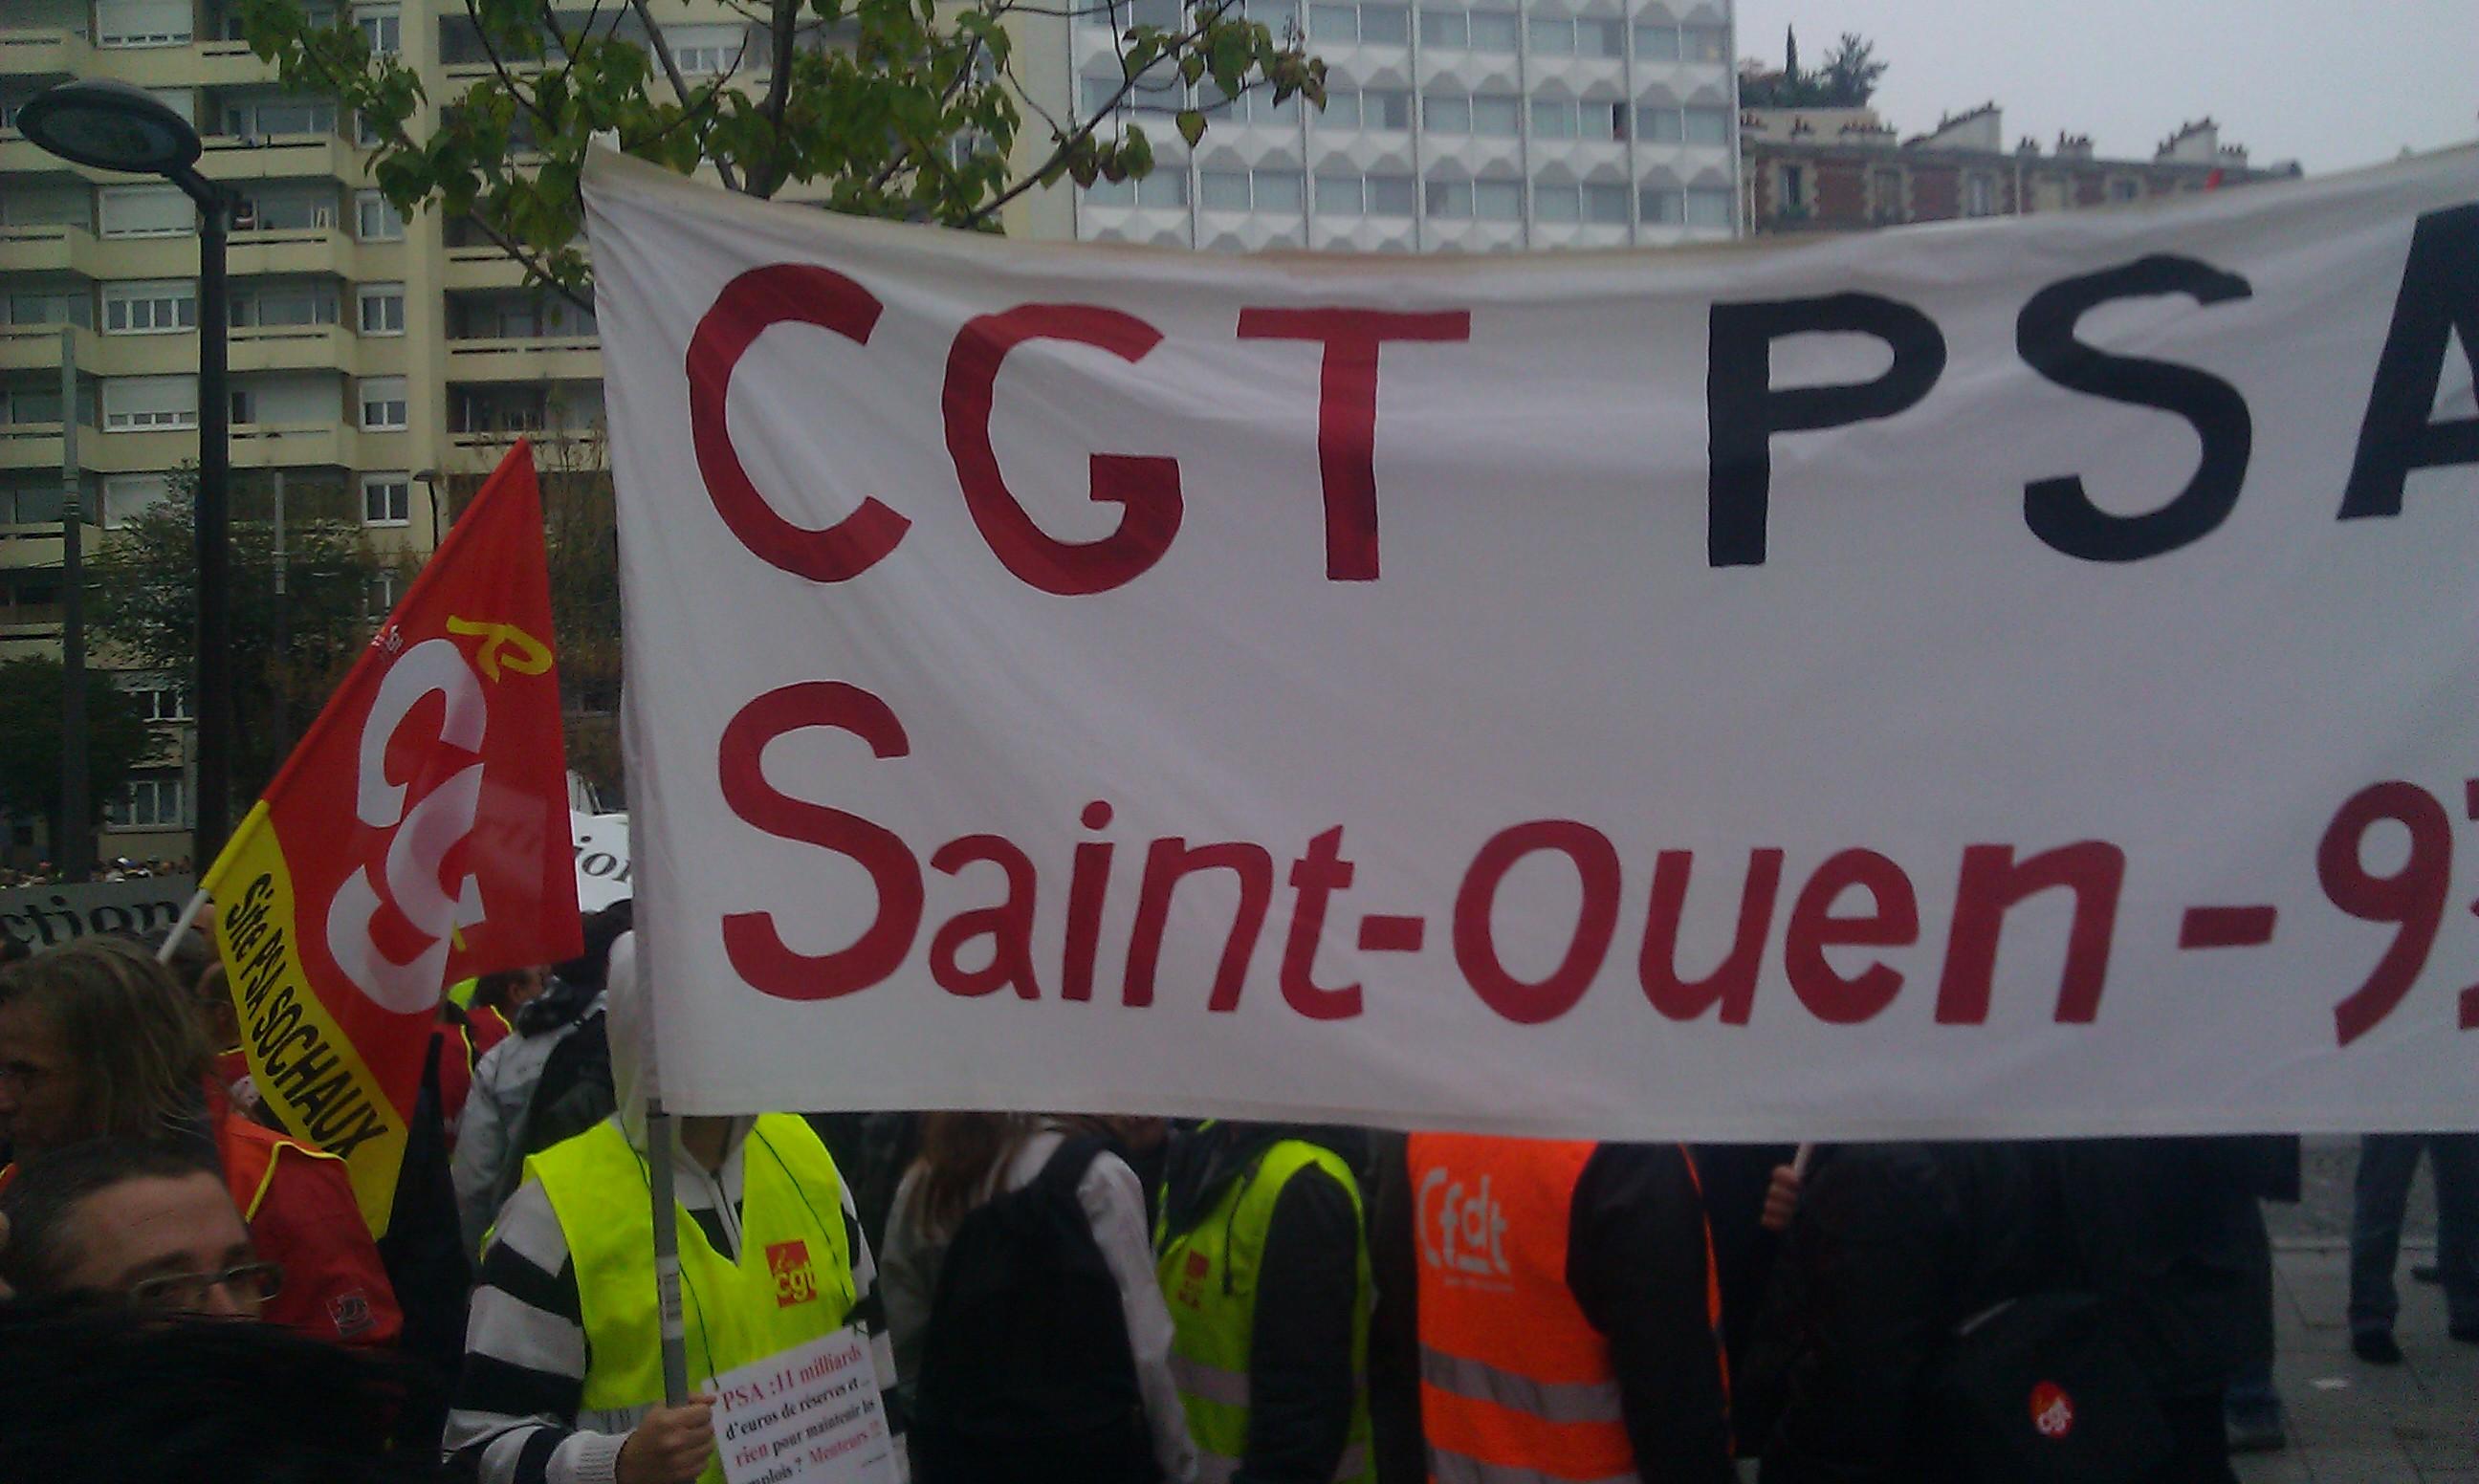 CGT PSA Saint-Ouen 93 [CGT PSA Saint-Ouen 93]